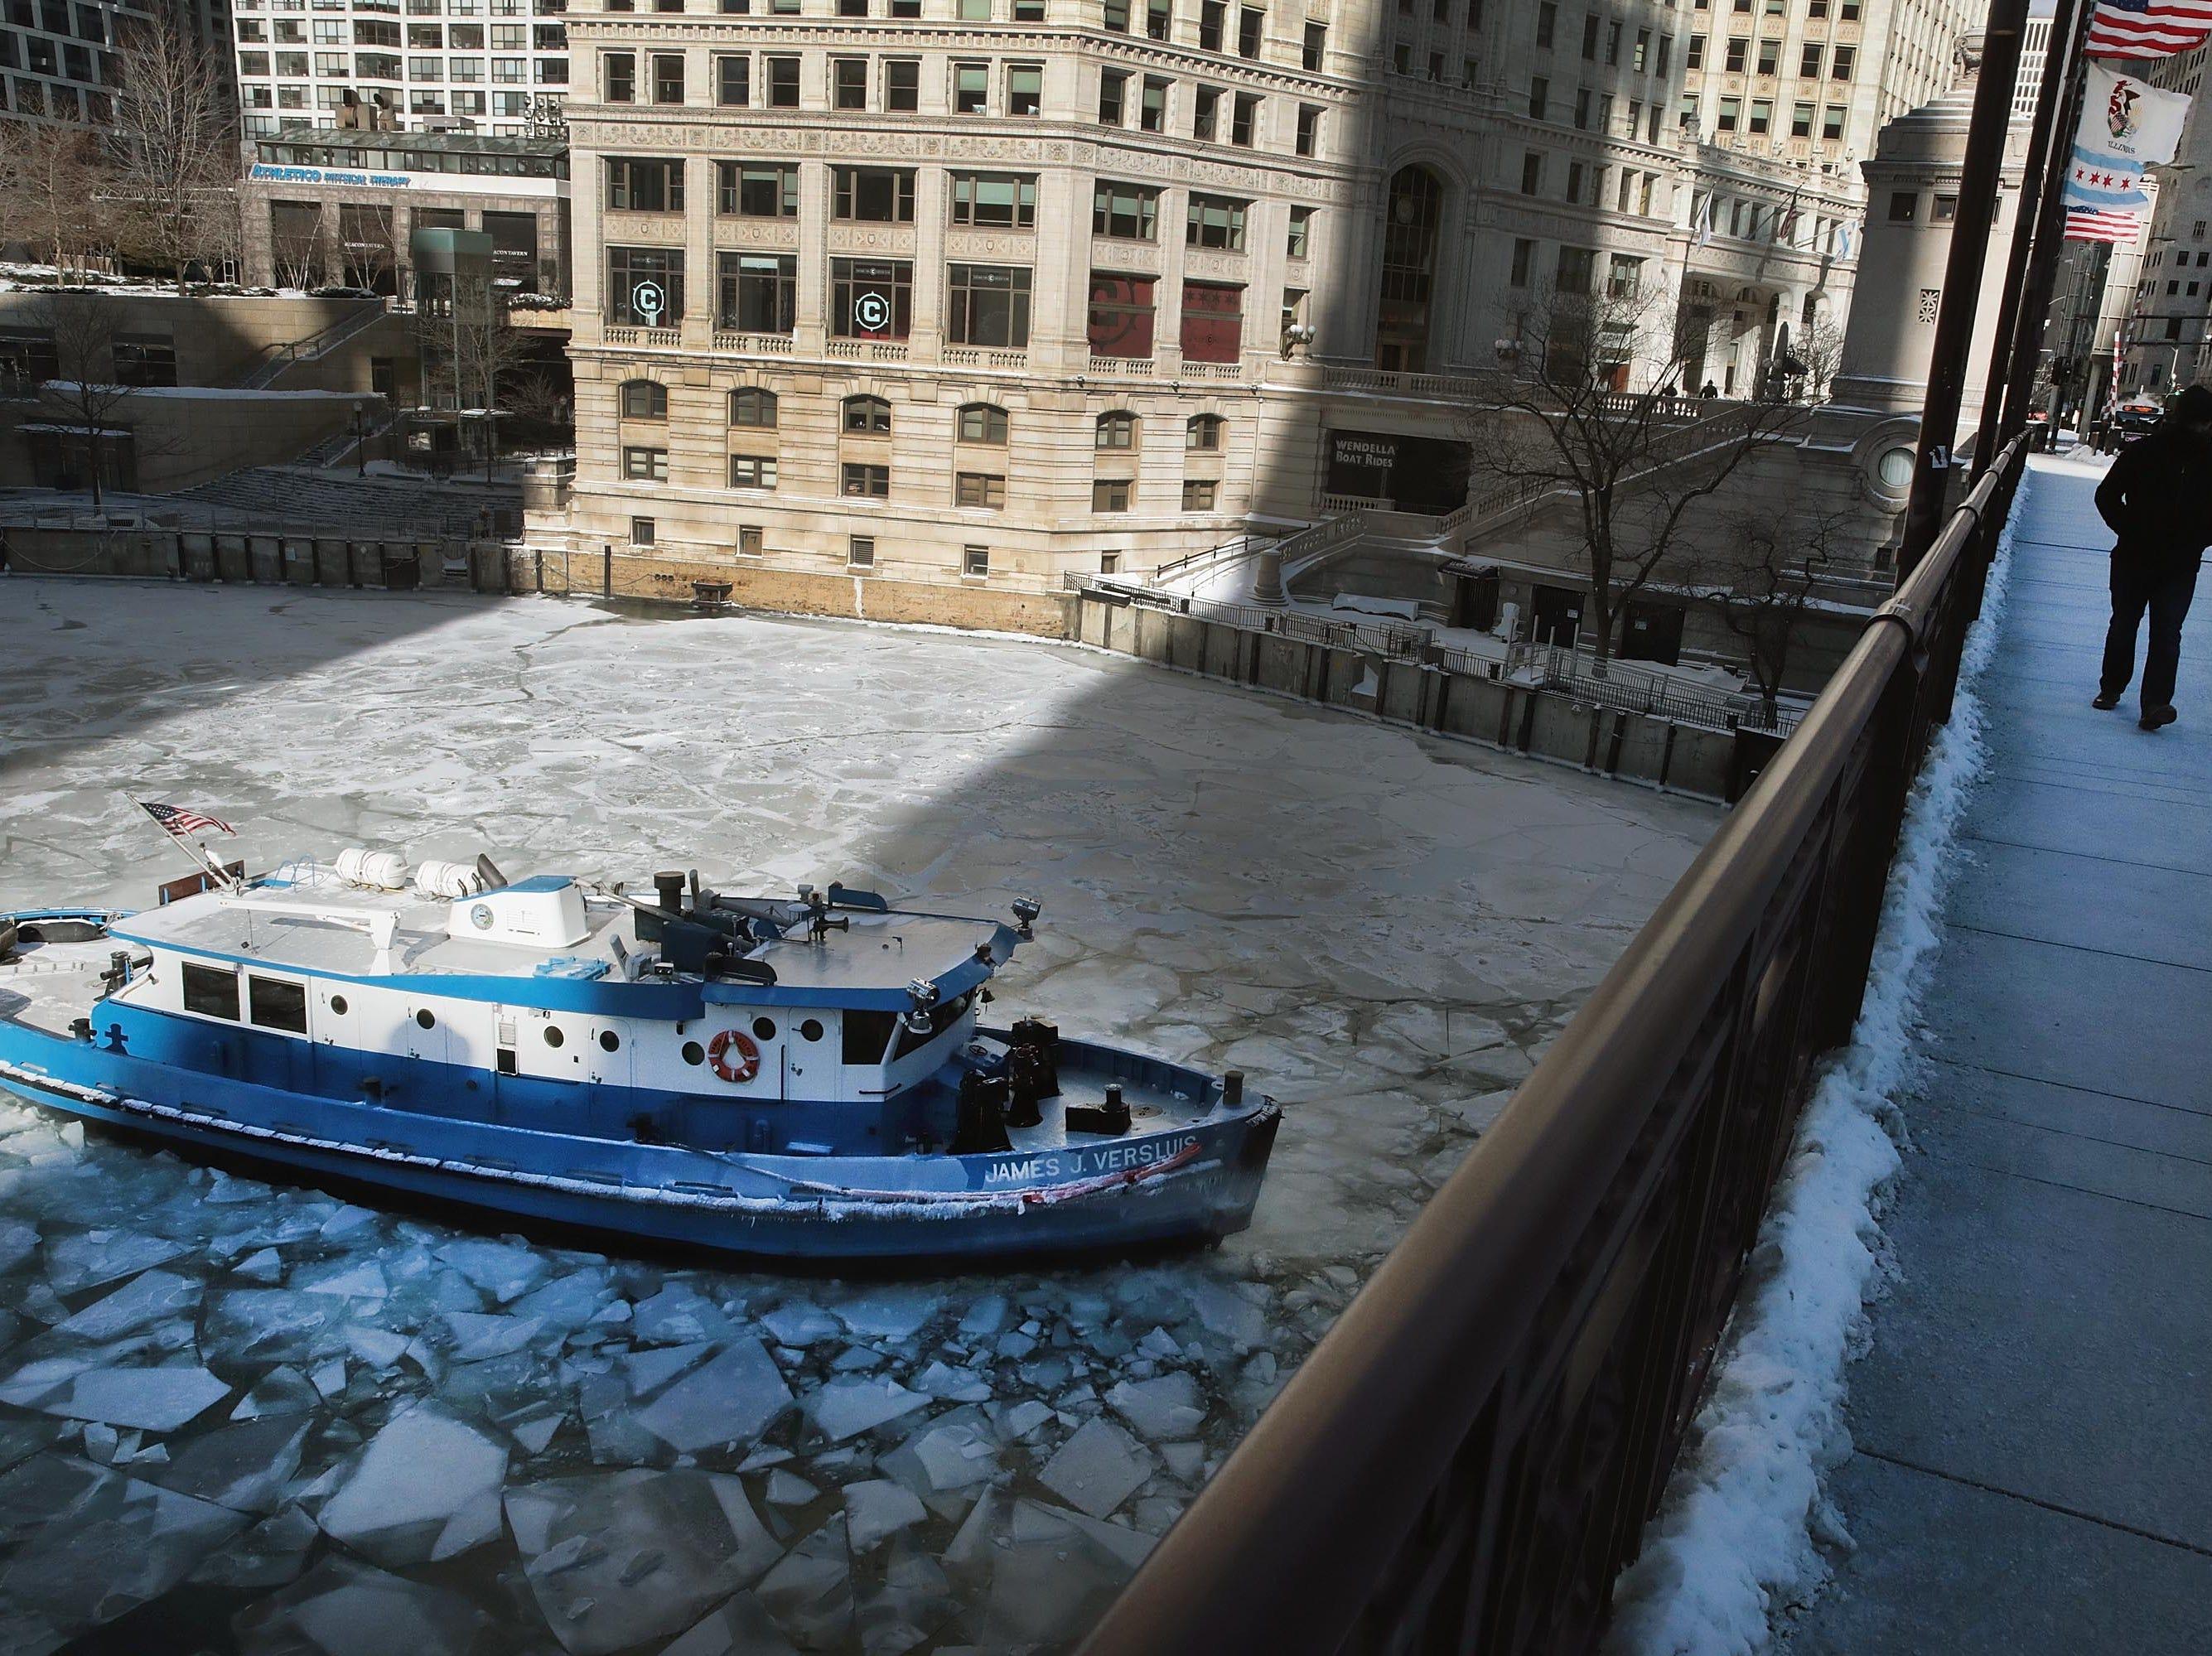 El James Versluis rompe hielo en el río Chicago congelado el 30 de enero de 2019 en Chicago, Illinois.